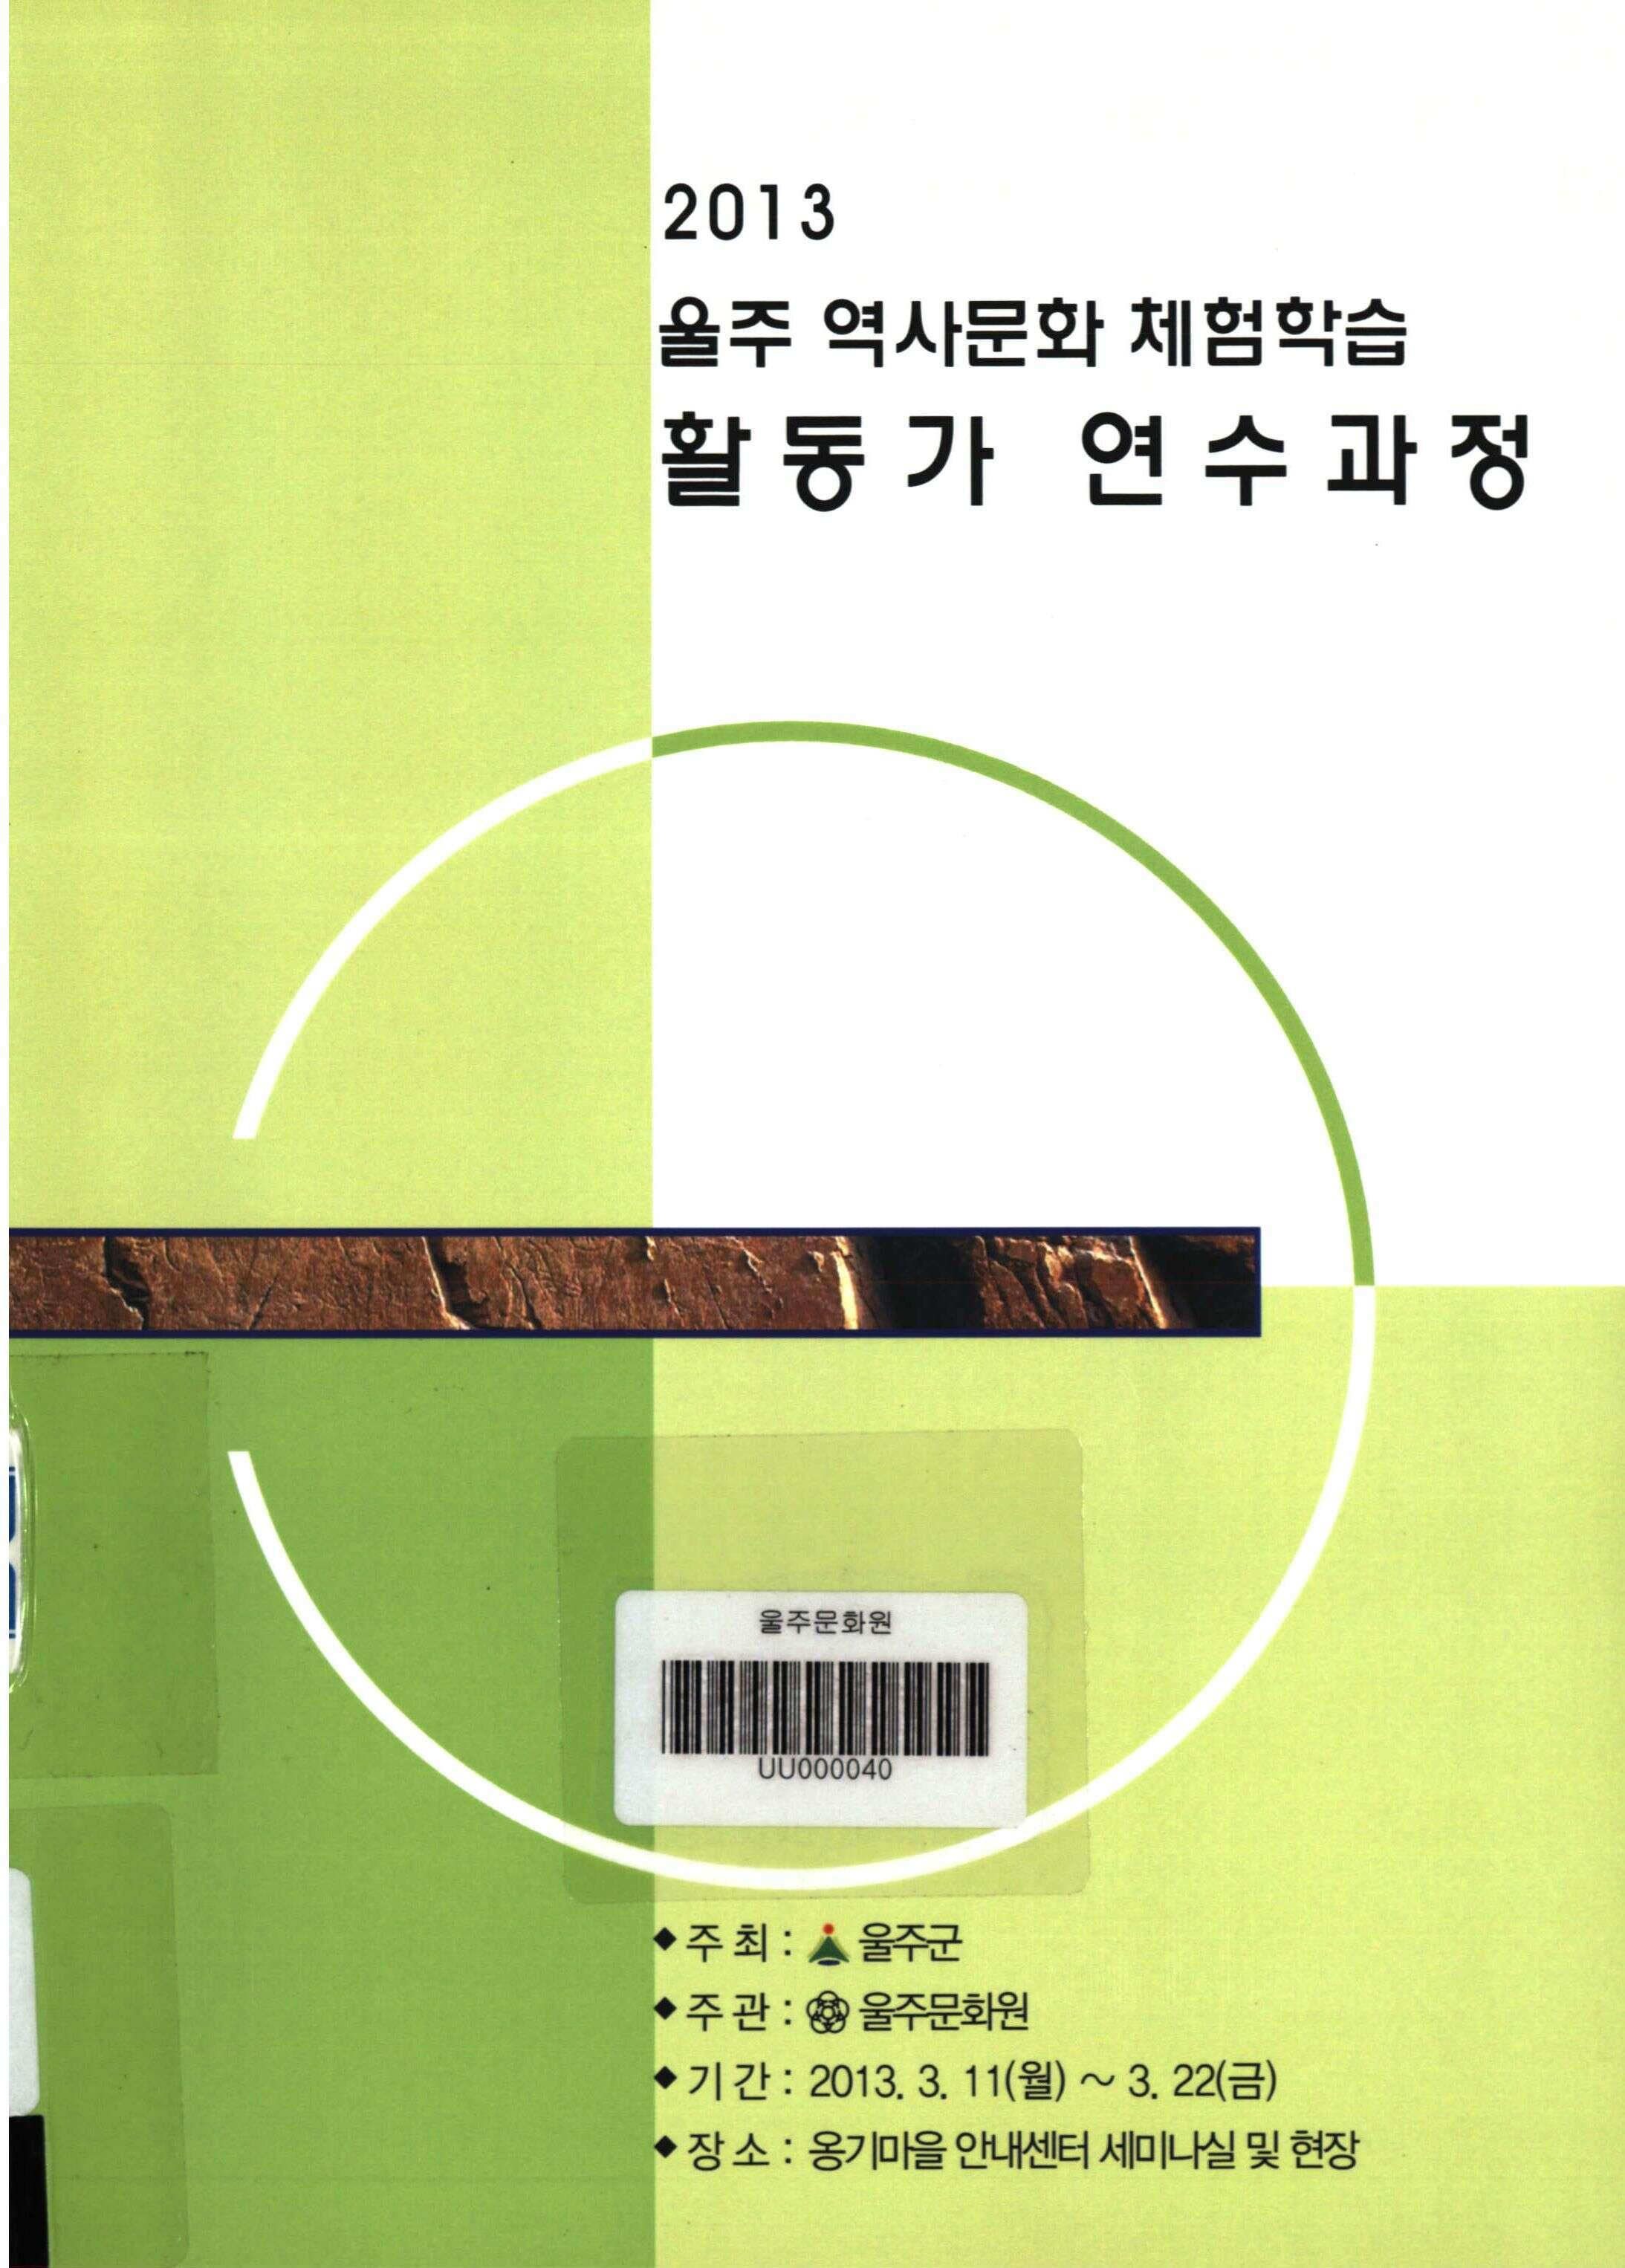 (2013 울주 역사문화 체험학습) 활동가 연수과정